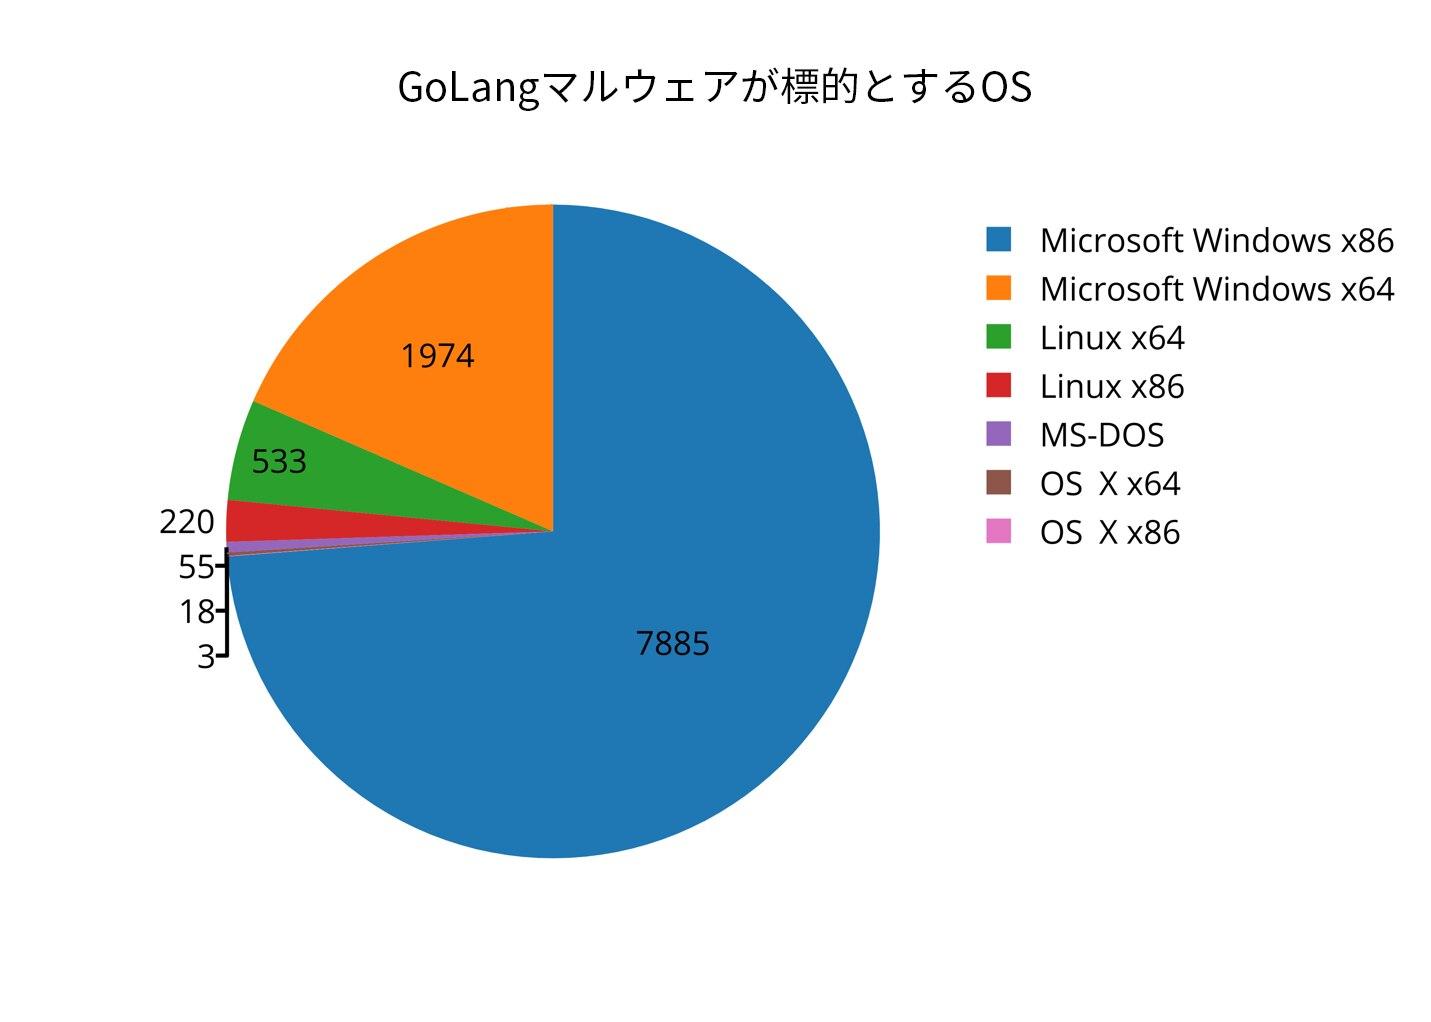 図 2 Go マルウェア サンプルのコンパイル対象 OS